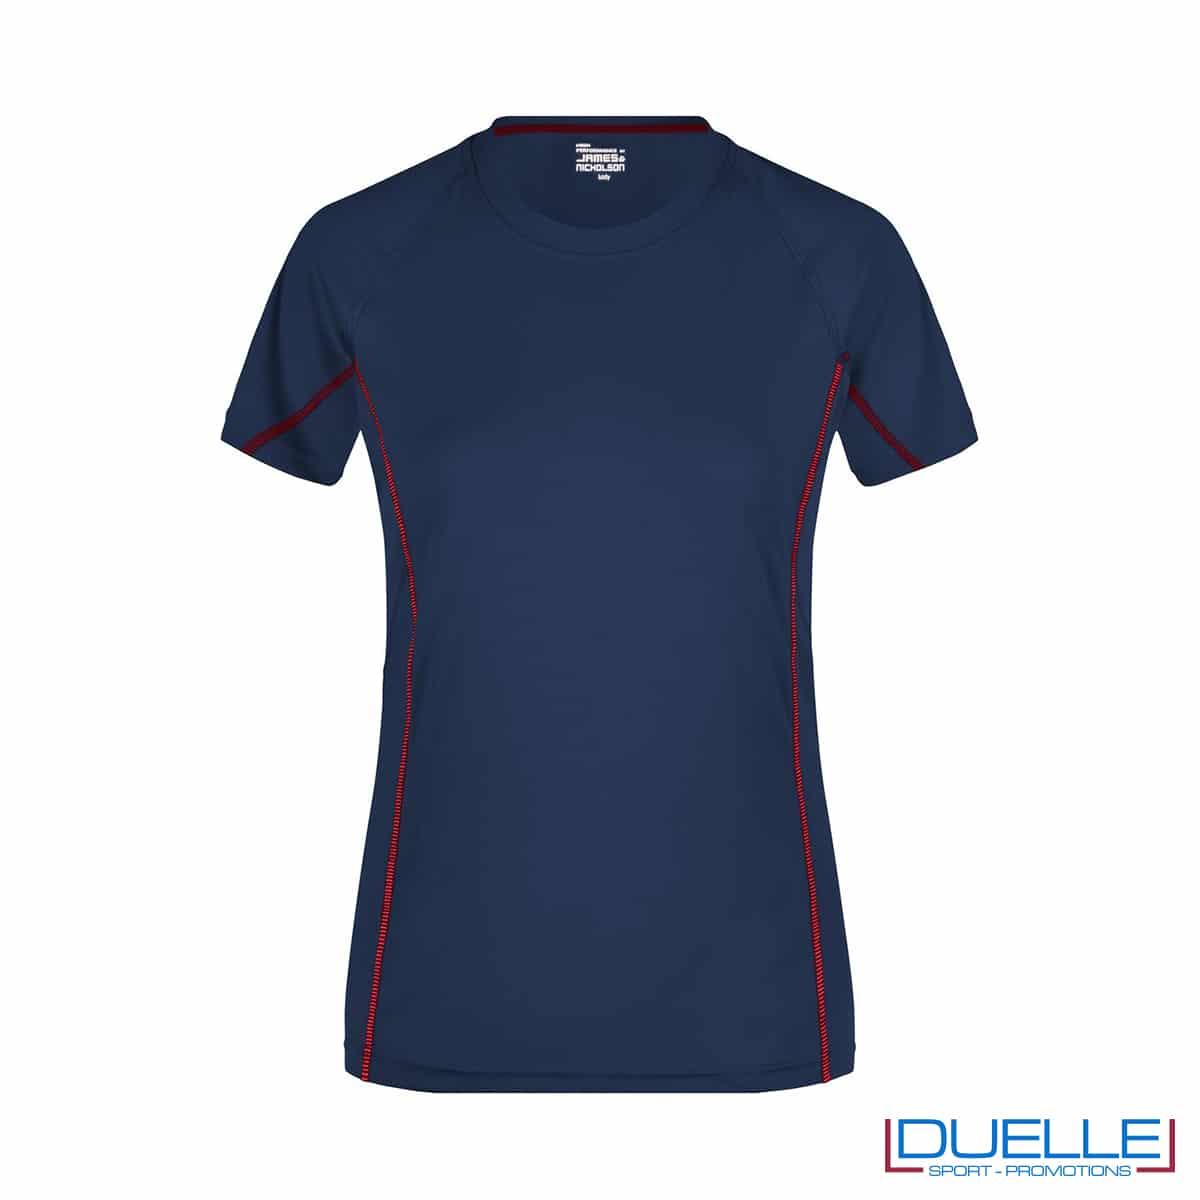 Maglia running Coolmax donna colore blu navy/rosso personalizzata